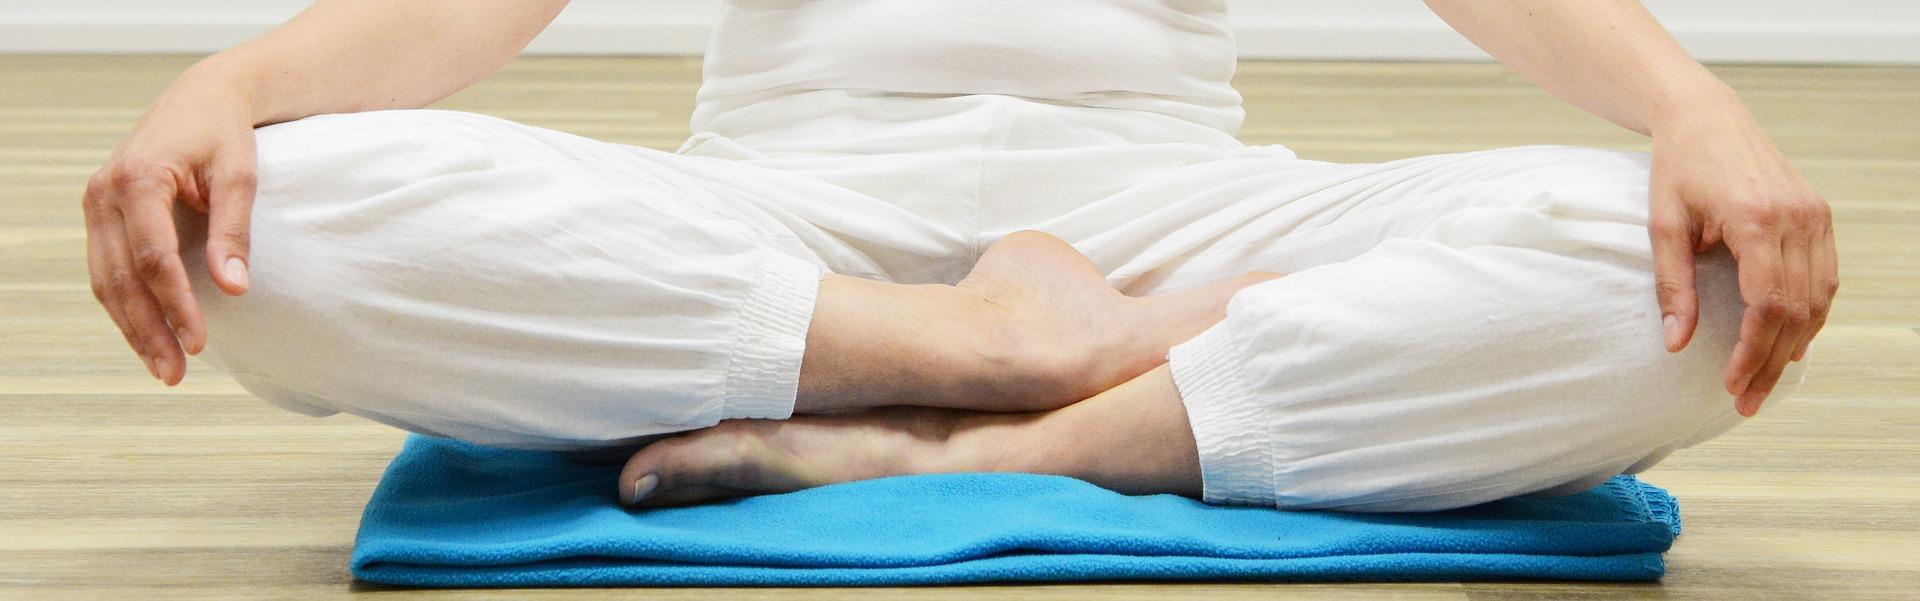 meditation-2307812_1920